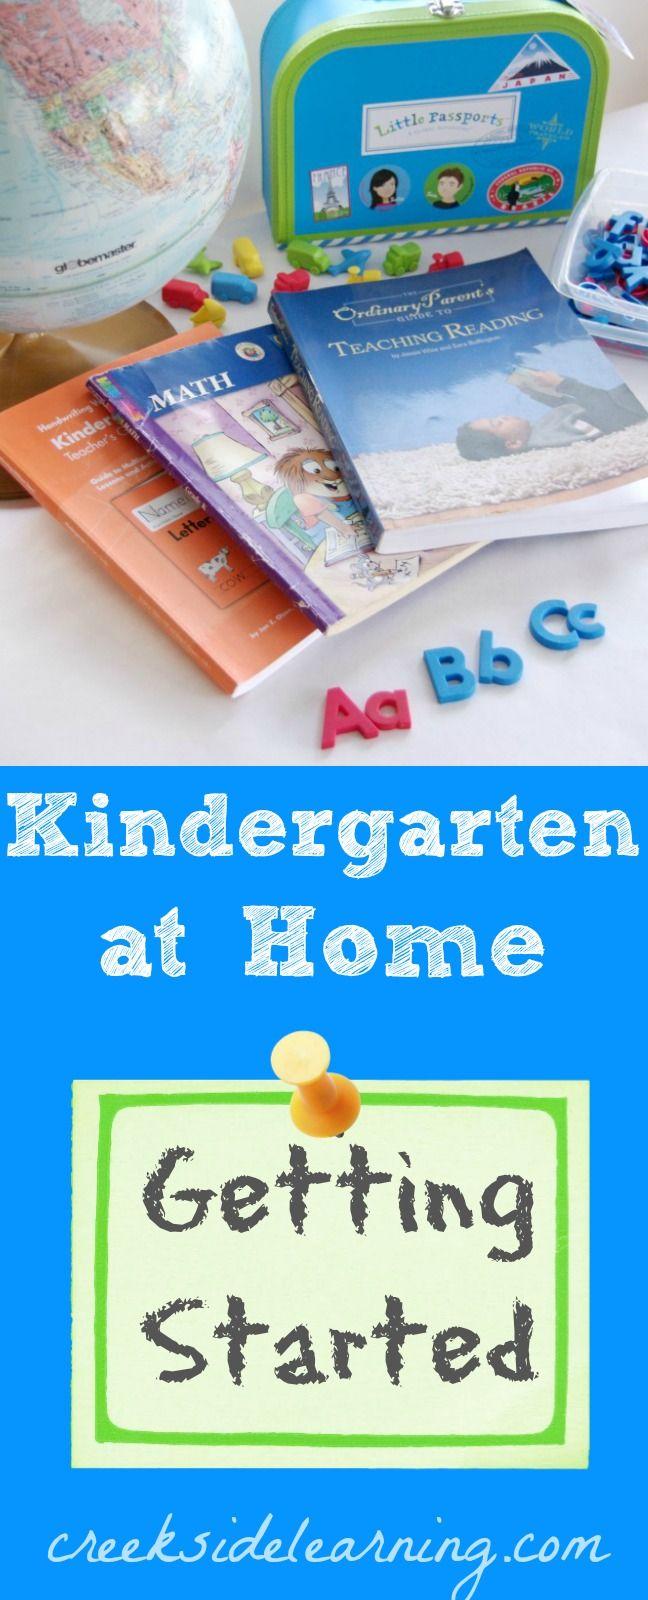 photo How to Homeschool a Kindergartener